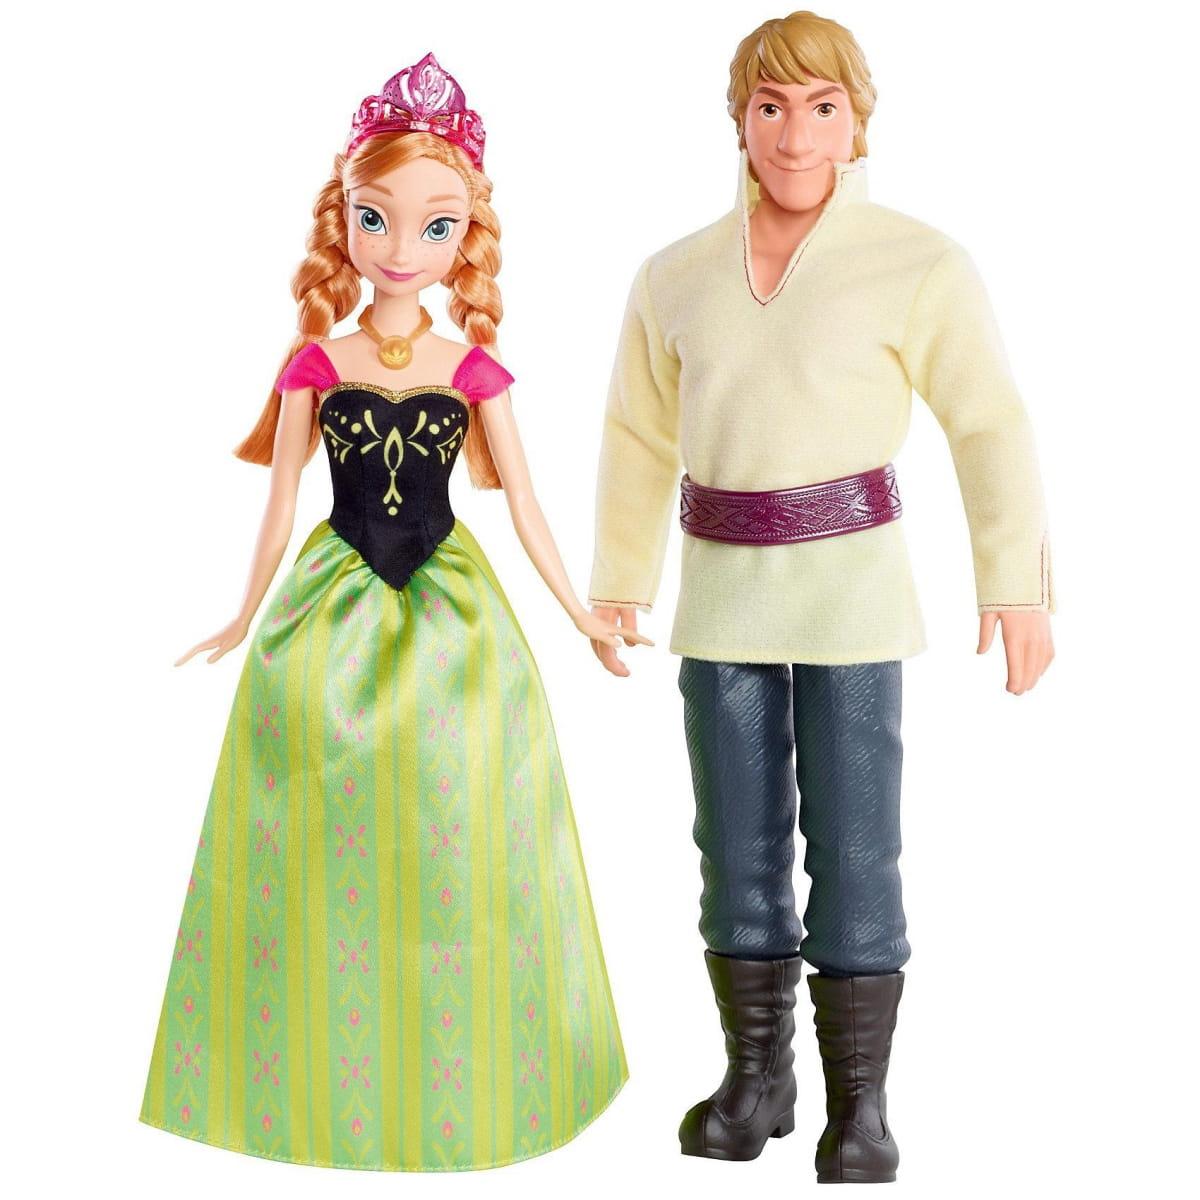 Игровой набор Disney Princess BDK35 Холодное сердце - Анна и Кристоф (Mattel)